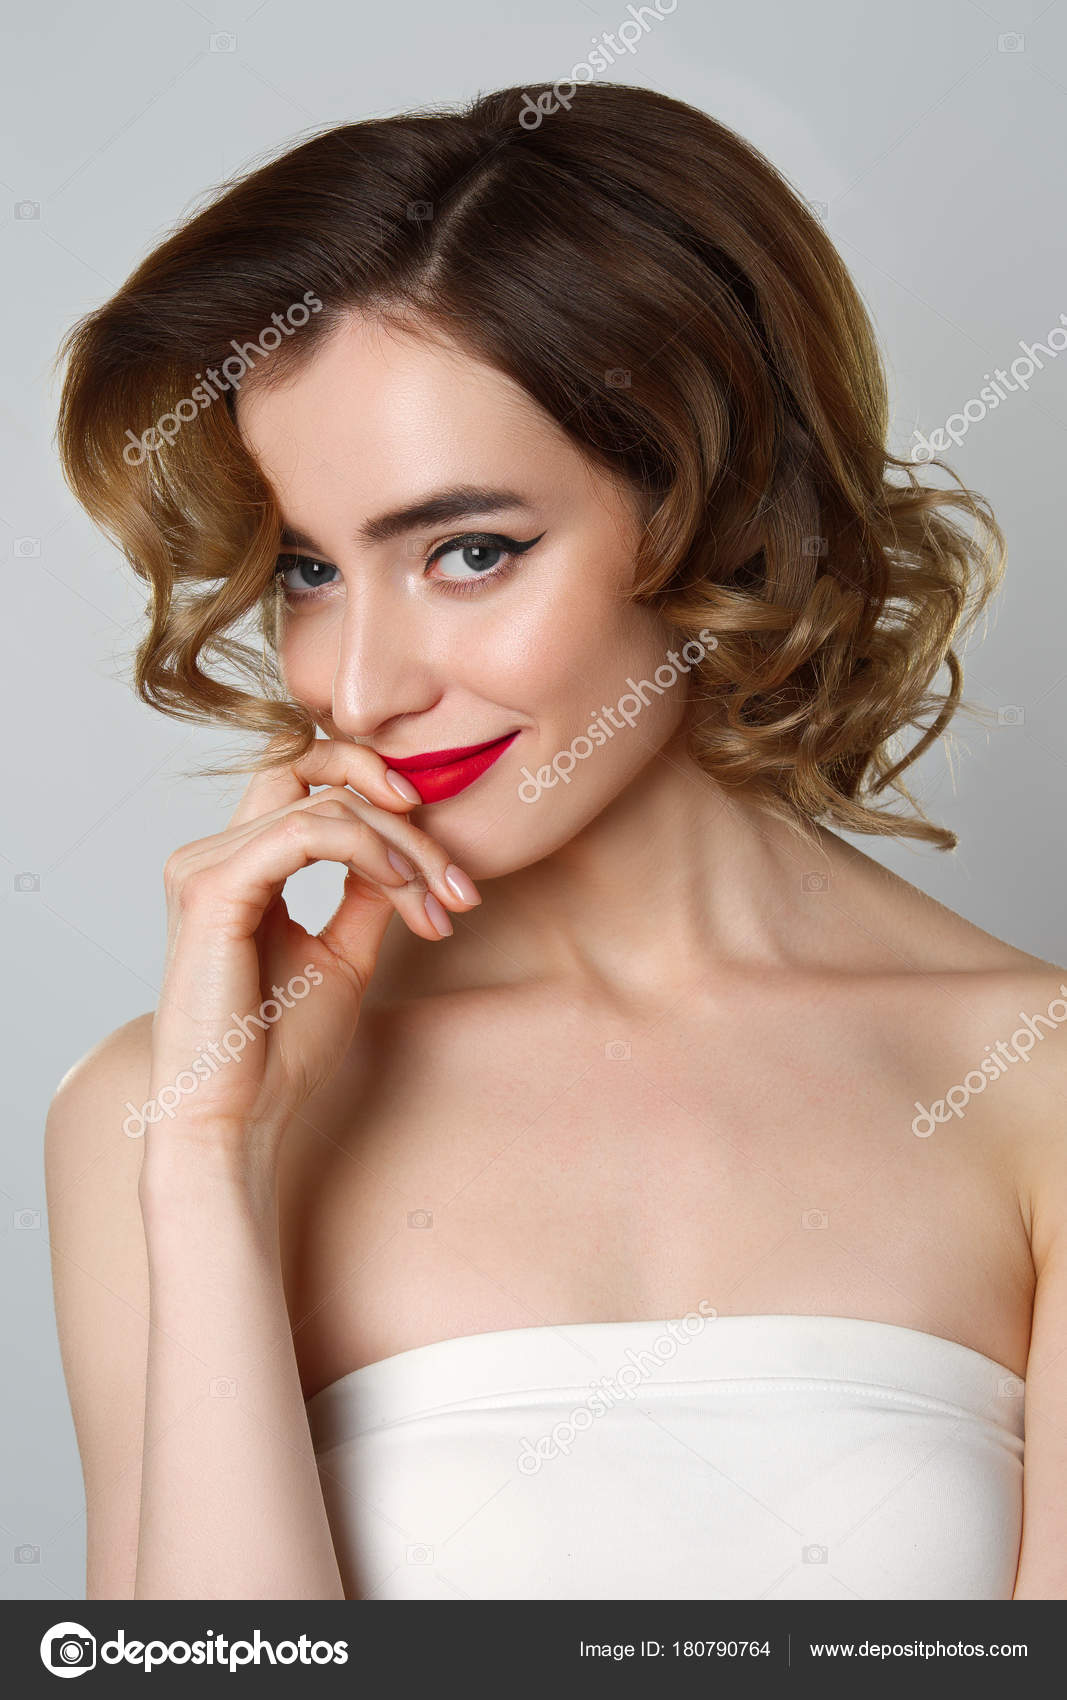 Portret Uroda ładna Dziewczyna Z Kręconych Włosów Makijaż Oczu Kota